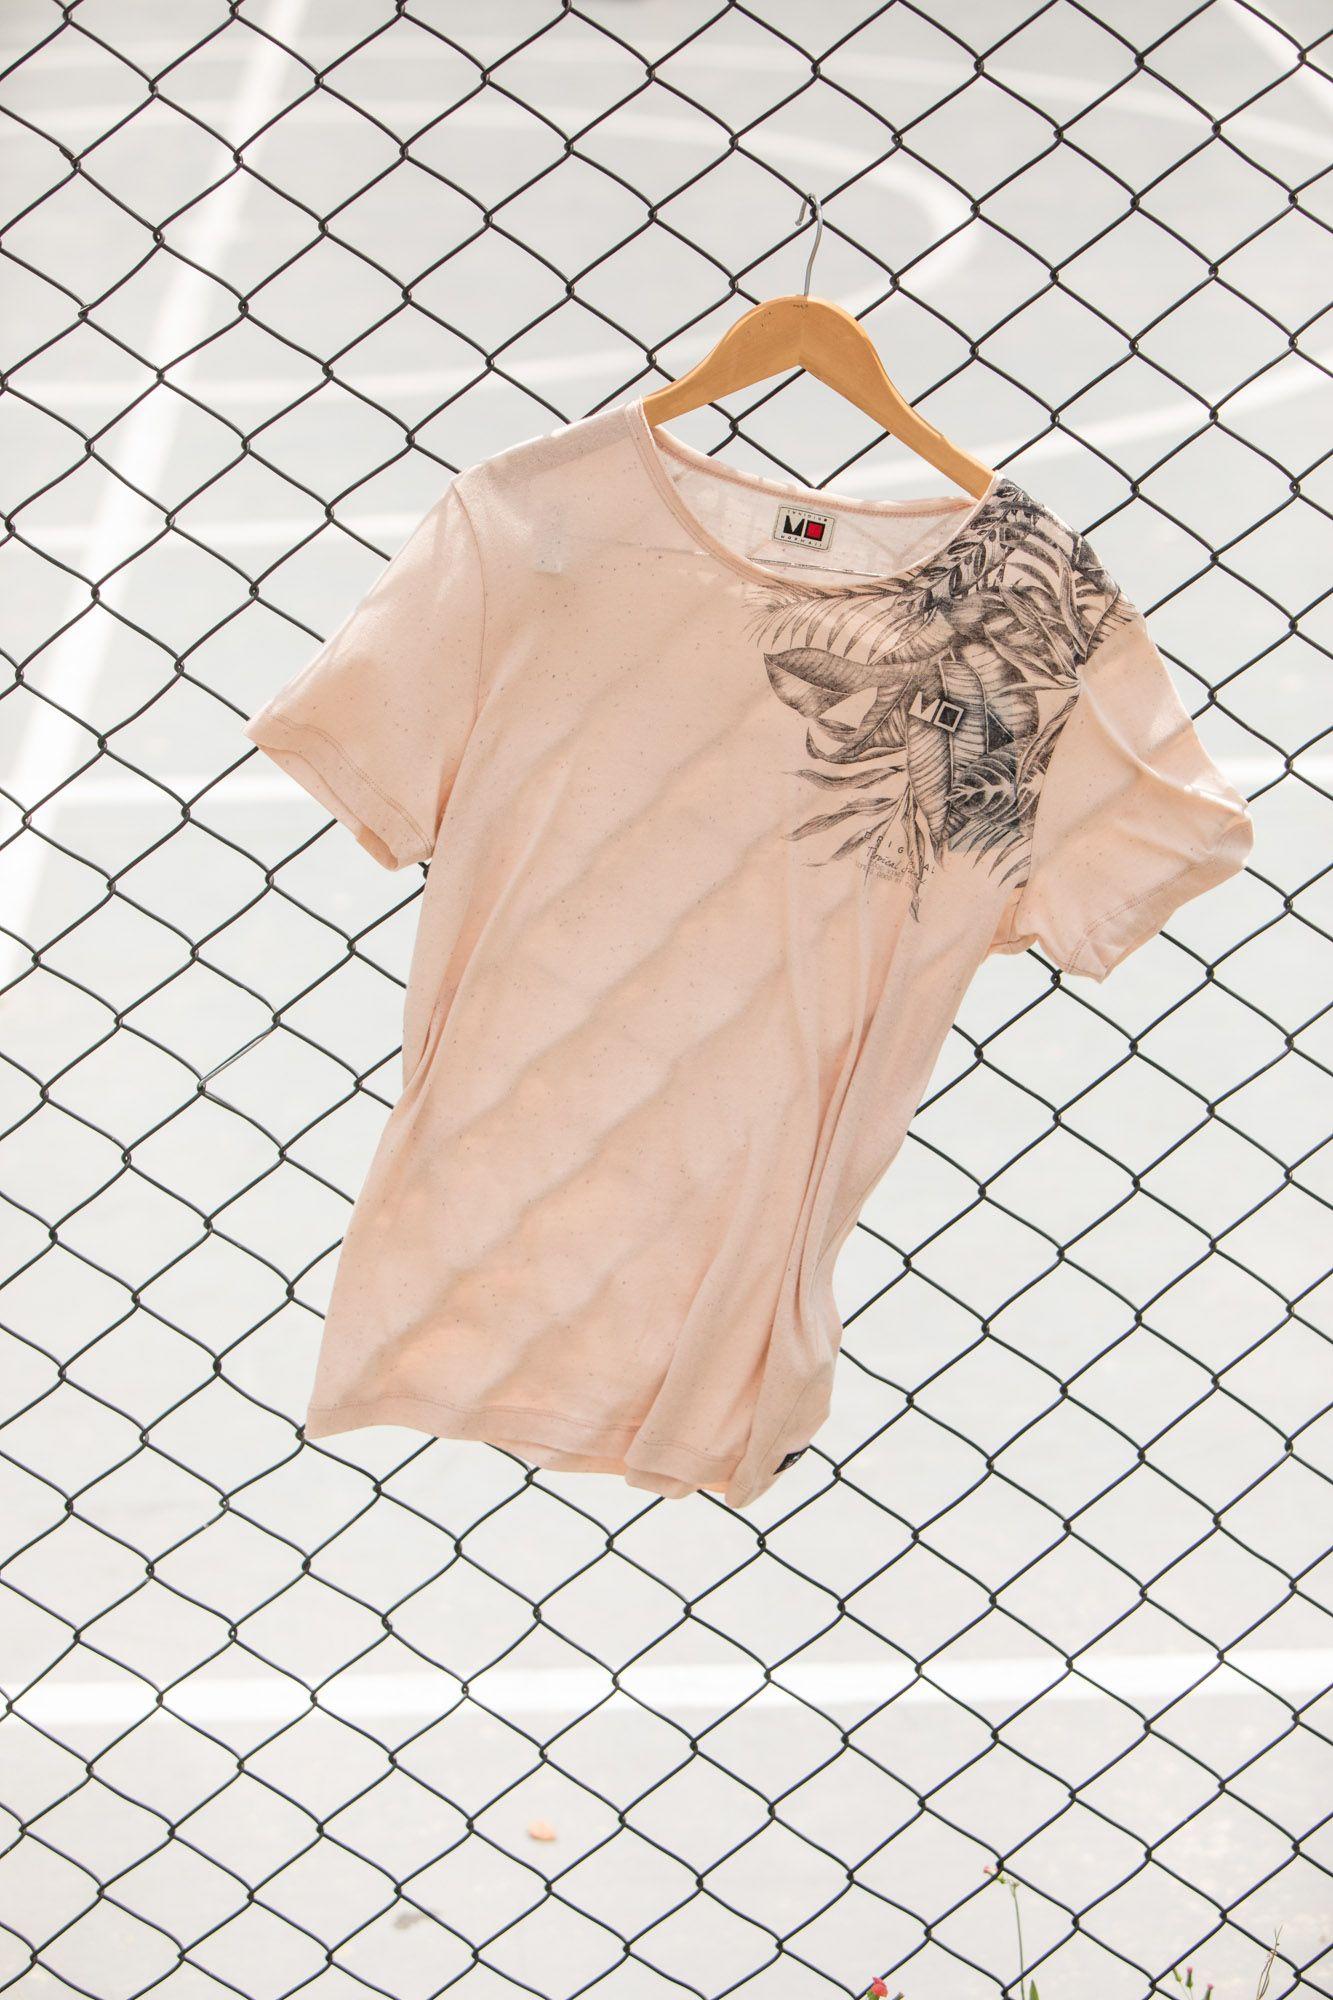 30ef09df2 Camiseta masculina, moda, tendências, lifestyle, óculos, relógios,  confecção, praia